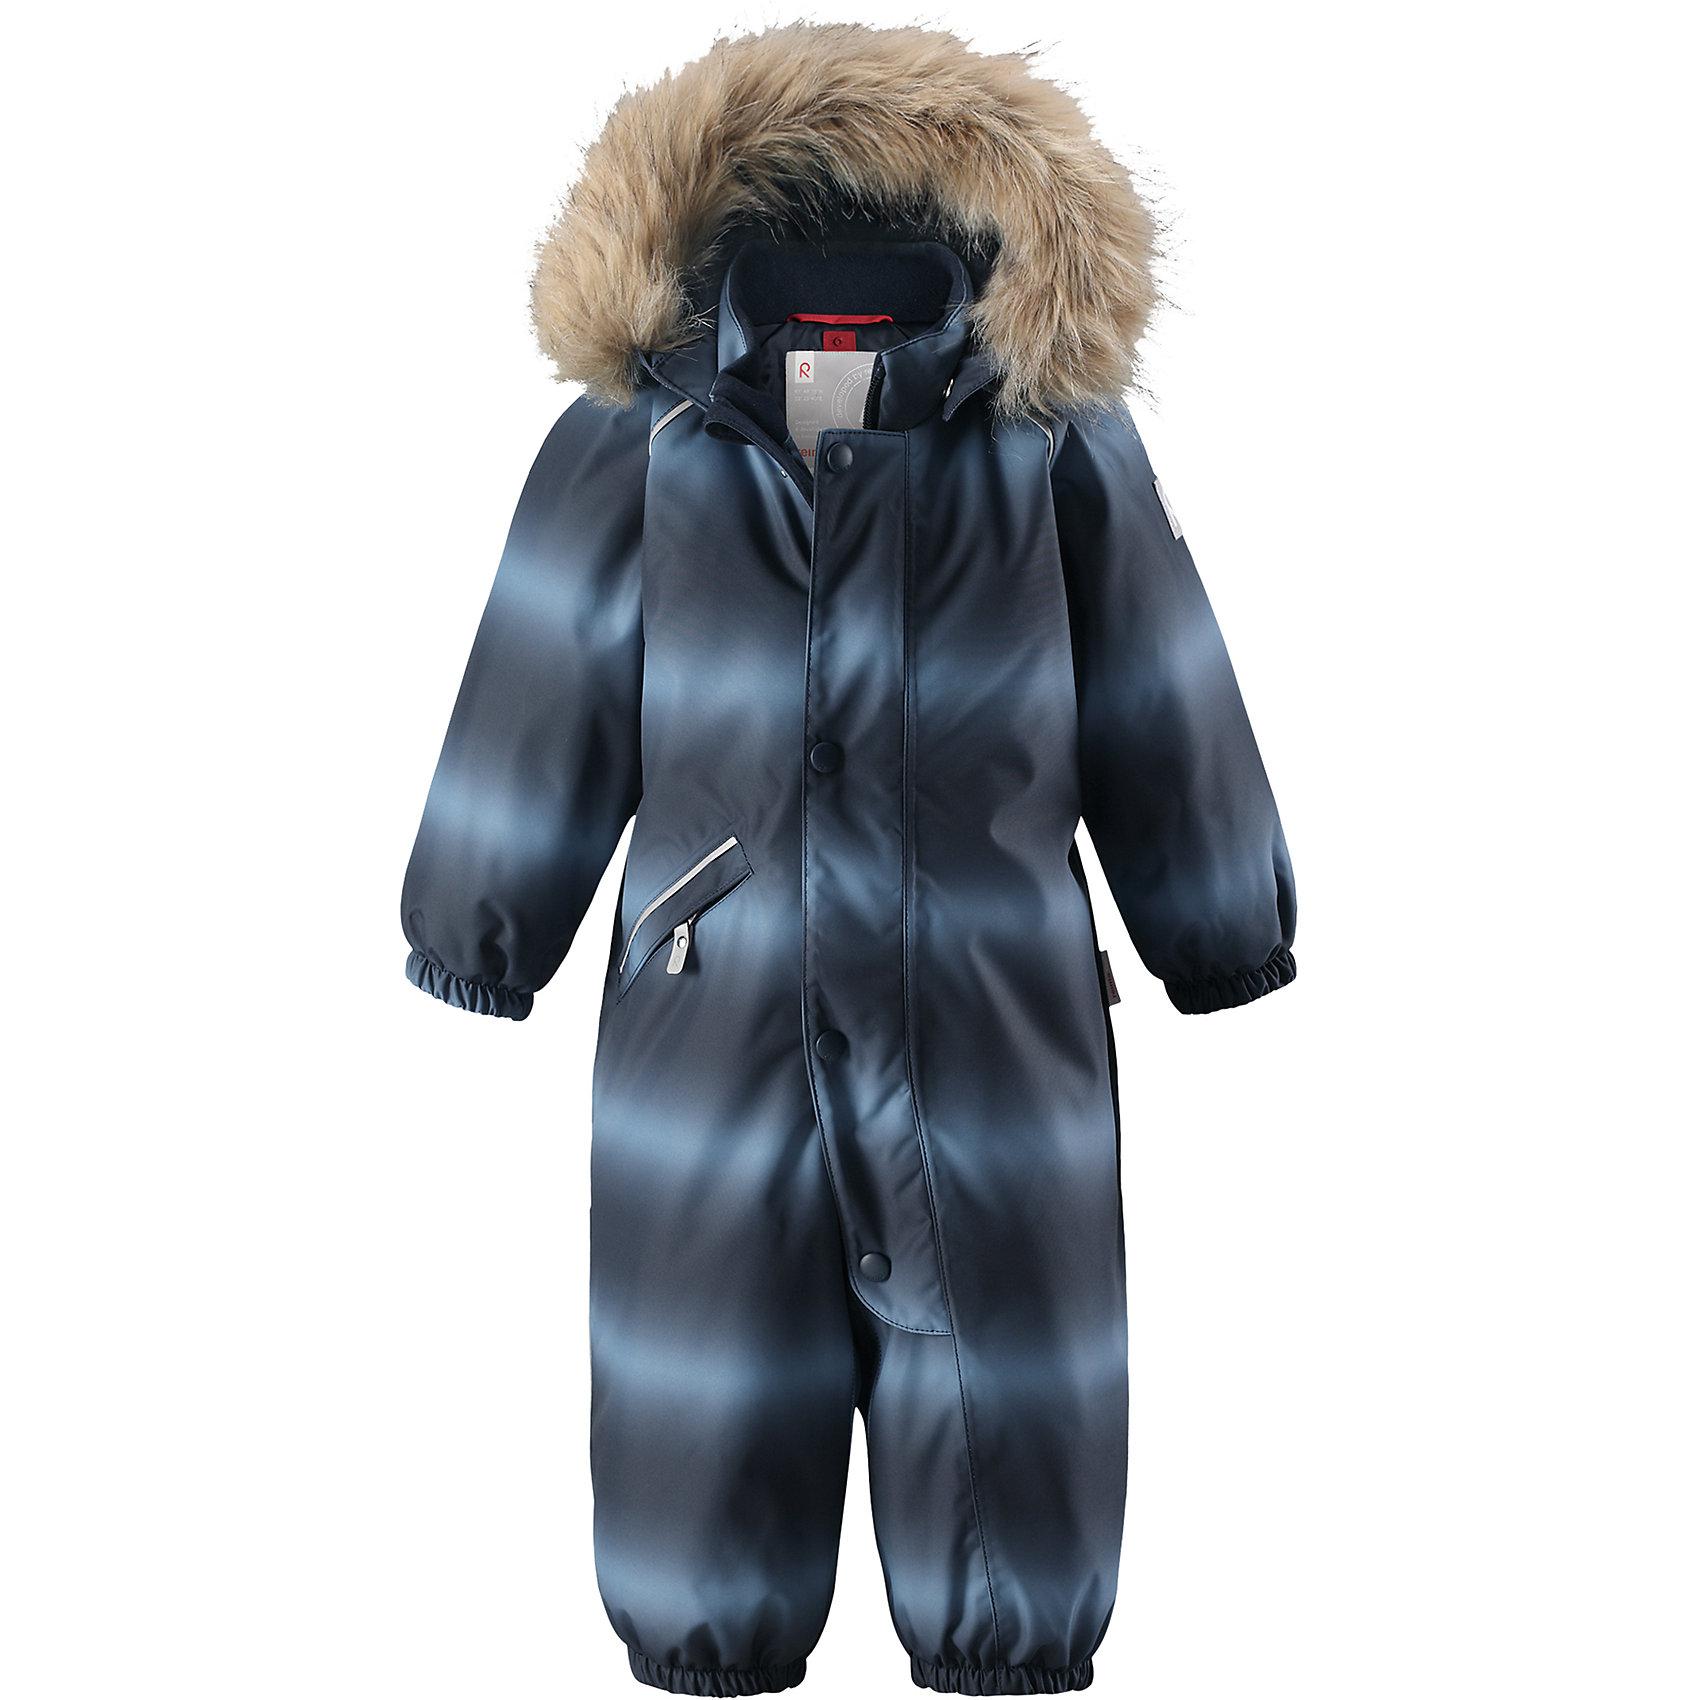 Комбинезон Reima Reimatec® Lappi для мальчикаОдежда<br>Характеристики товара:<br><br>• цвет: синий<br>• состав: 100% полиэстер<br>• утеплитель: 100% полиэстер, 160 г/м2 (soft loft insulation)<br>• сезон: зима<br>• температурный режим: от 0 до -20С<br>• водонепроницаемость: 15000 мм<br>• воздухопроницаемость: 7000 мм<br>• износостойкость: 40000 циклов (тест Мартиндейла)<br>• особенности модели: в полоску, с мехом<br>• основные швы проклеены и не пропускают влагу<br>• водо- и ветронепроницаемый, дышащий и грязеотталкивающий материал<br>• утепленная задняя часть изделия<br>• гладкая подкладка из полиэстера<br>• безопасный, съемный, регулируемый капюшон<br>• съемный искусственный мех на капюшоне<br>• защита подбородка от защемления<br>• эластичные манжеты и штанины<br>• эластичная талия<br>• съемные эластичные штрипки <br>• длинная молния для легкого надевания<br>• дополнительная планка с кнопками<br>• карман на молнии<br>• светоотражающие детали<br>• страна бренда: Финляндия<br>• страна изготовитель: Китай<br><br>Зимний комбинезон на молнии для мальчика! Основные швы комбинезона проклеены, а сам он изготовлен из водо и ветронепроницаемого, грязеотталкивающего материала. Утепленная задняя часть обеспечит дополнительное утепление во время игр в снегу.<br><br>Гладкая подкладка и длинная молния облегчают надевание. Маленький карман на молнии надежно сохранит все сокровища. Обратите внимание: комбинезон можно сушить в сушильной машине. Зимний комбинезон с капюшоном для мальчика в сине-голубую полоску.<br><br>Комбинезон Lappi для мальчика Reimatec® Reima от финского бренда Reima (Рейма) можно купить в нашем интернет-магазине.<br><br>Ширина мм: 356<br>Глубина мм: 10<br>Высота мм: 245<br>Вес г: 519<br>Цвет: синий<br>Возраст от месяцев: 6<br>Возраст до месяцев: 9<br>Пол: Мужской<br>Возраст: Детский<br>Размер: 74,98,80,86,92<br>SKU: 6908140